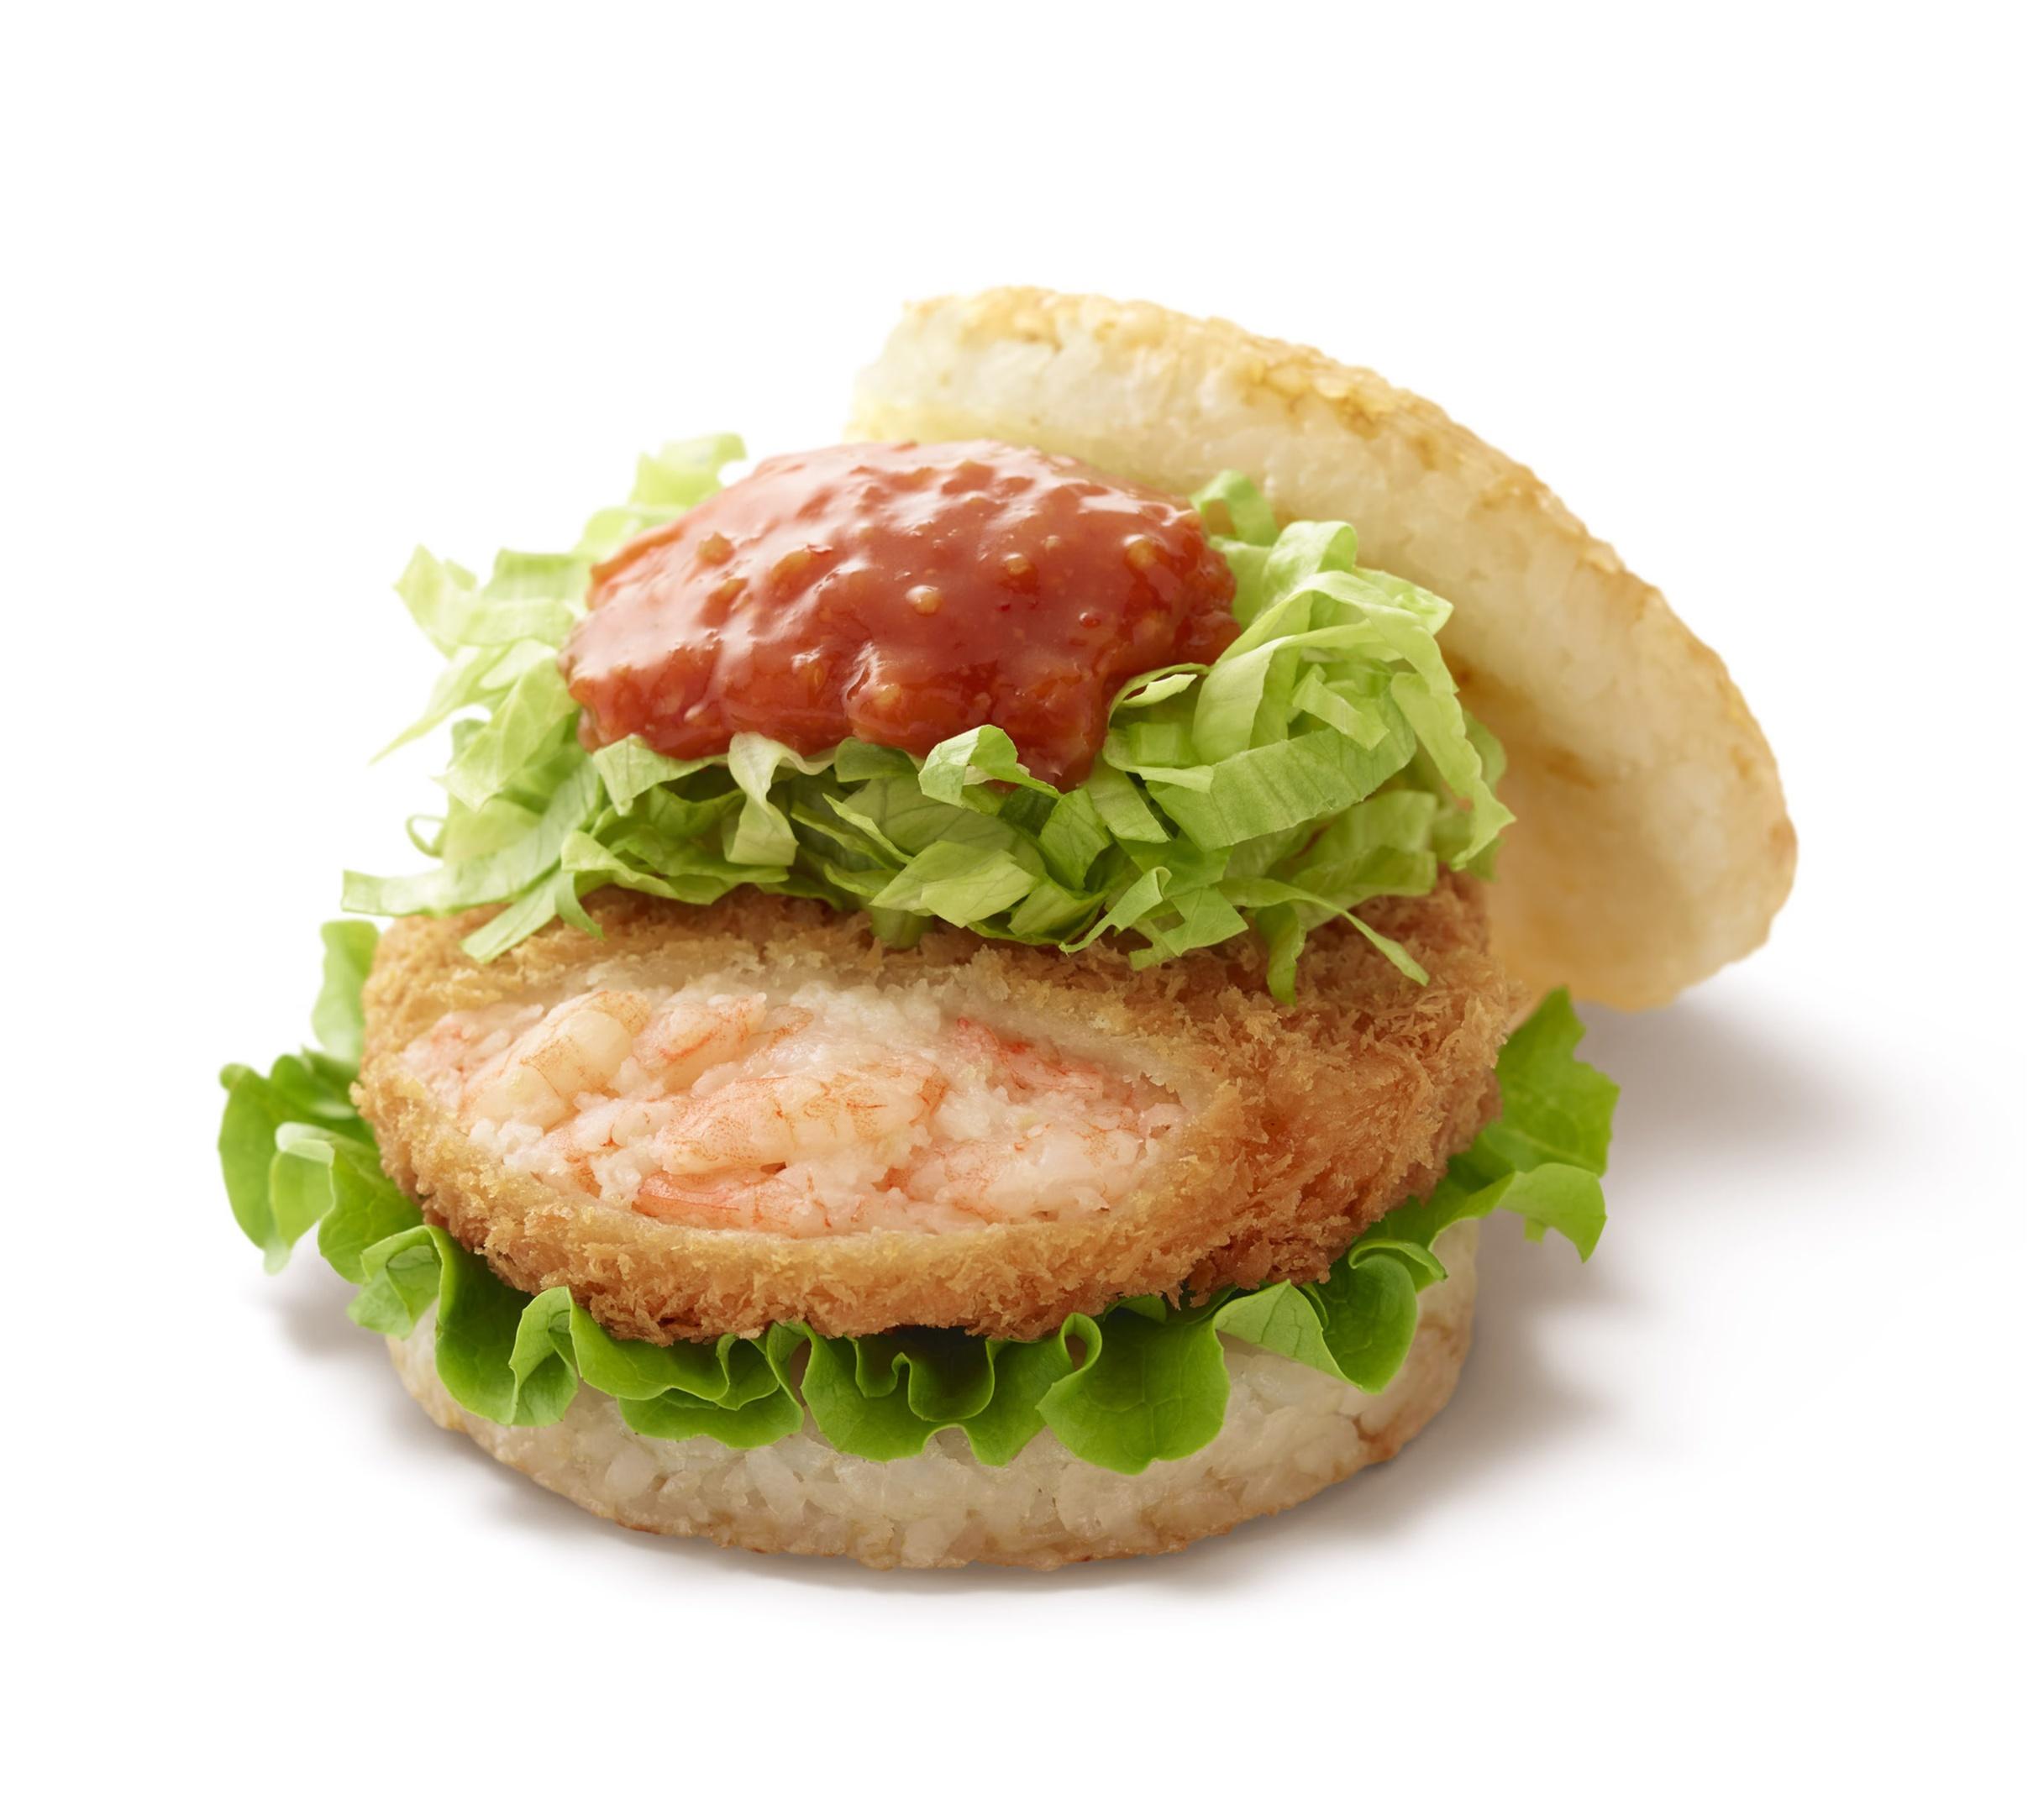 海老蟹ラバー必見! 甘辛&ぷりっぷり! 『モスバーガー』の新作は「リッチ海老カツバーガー 蟹チリソース」♡_2